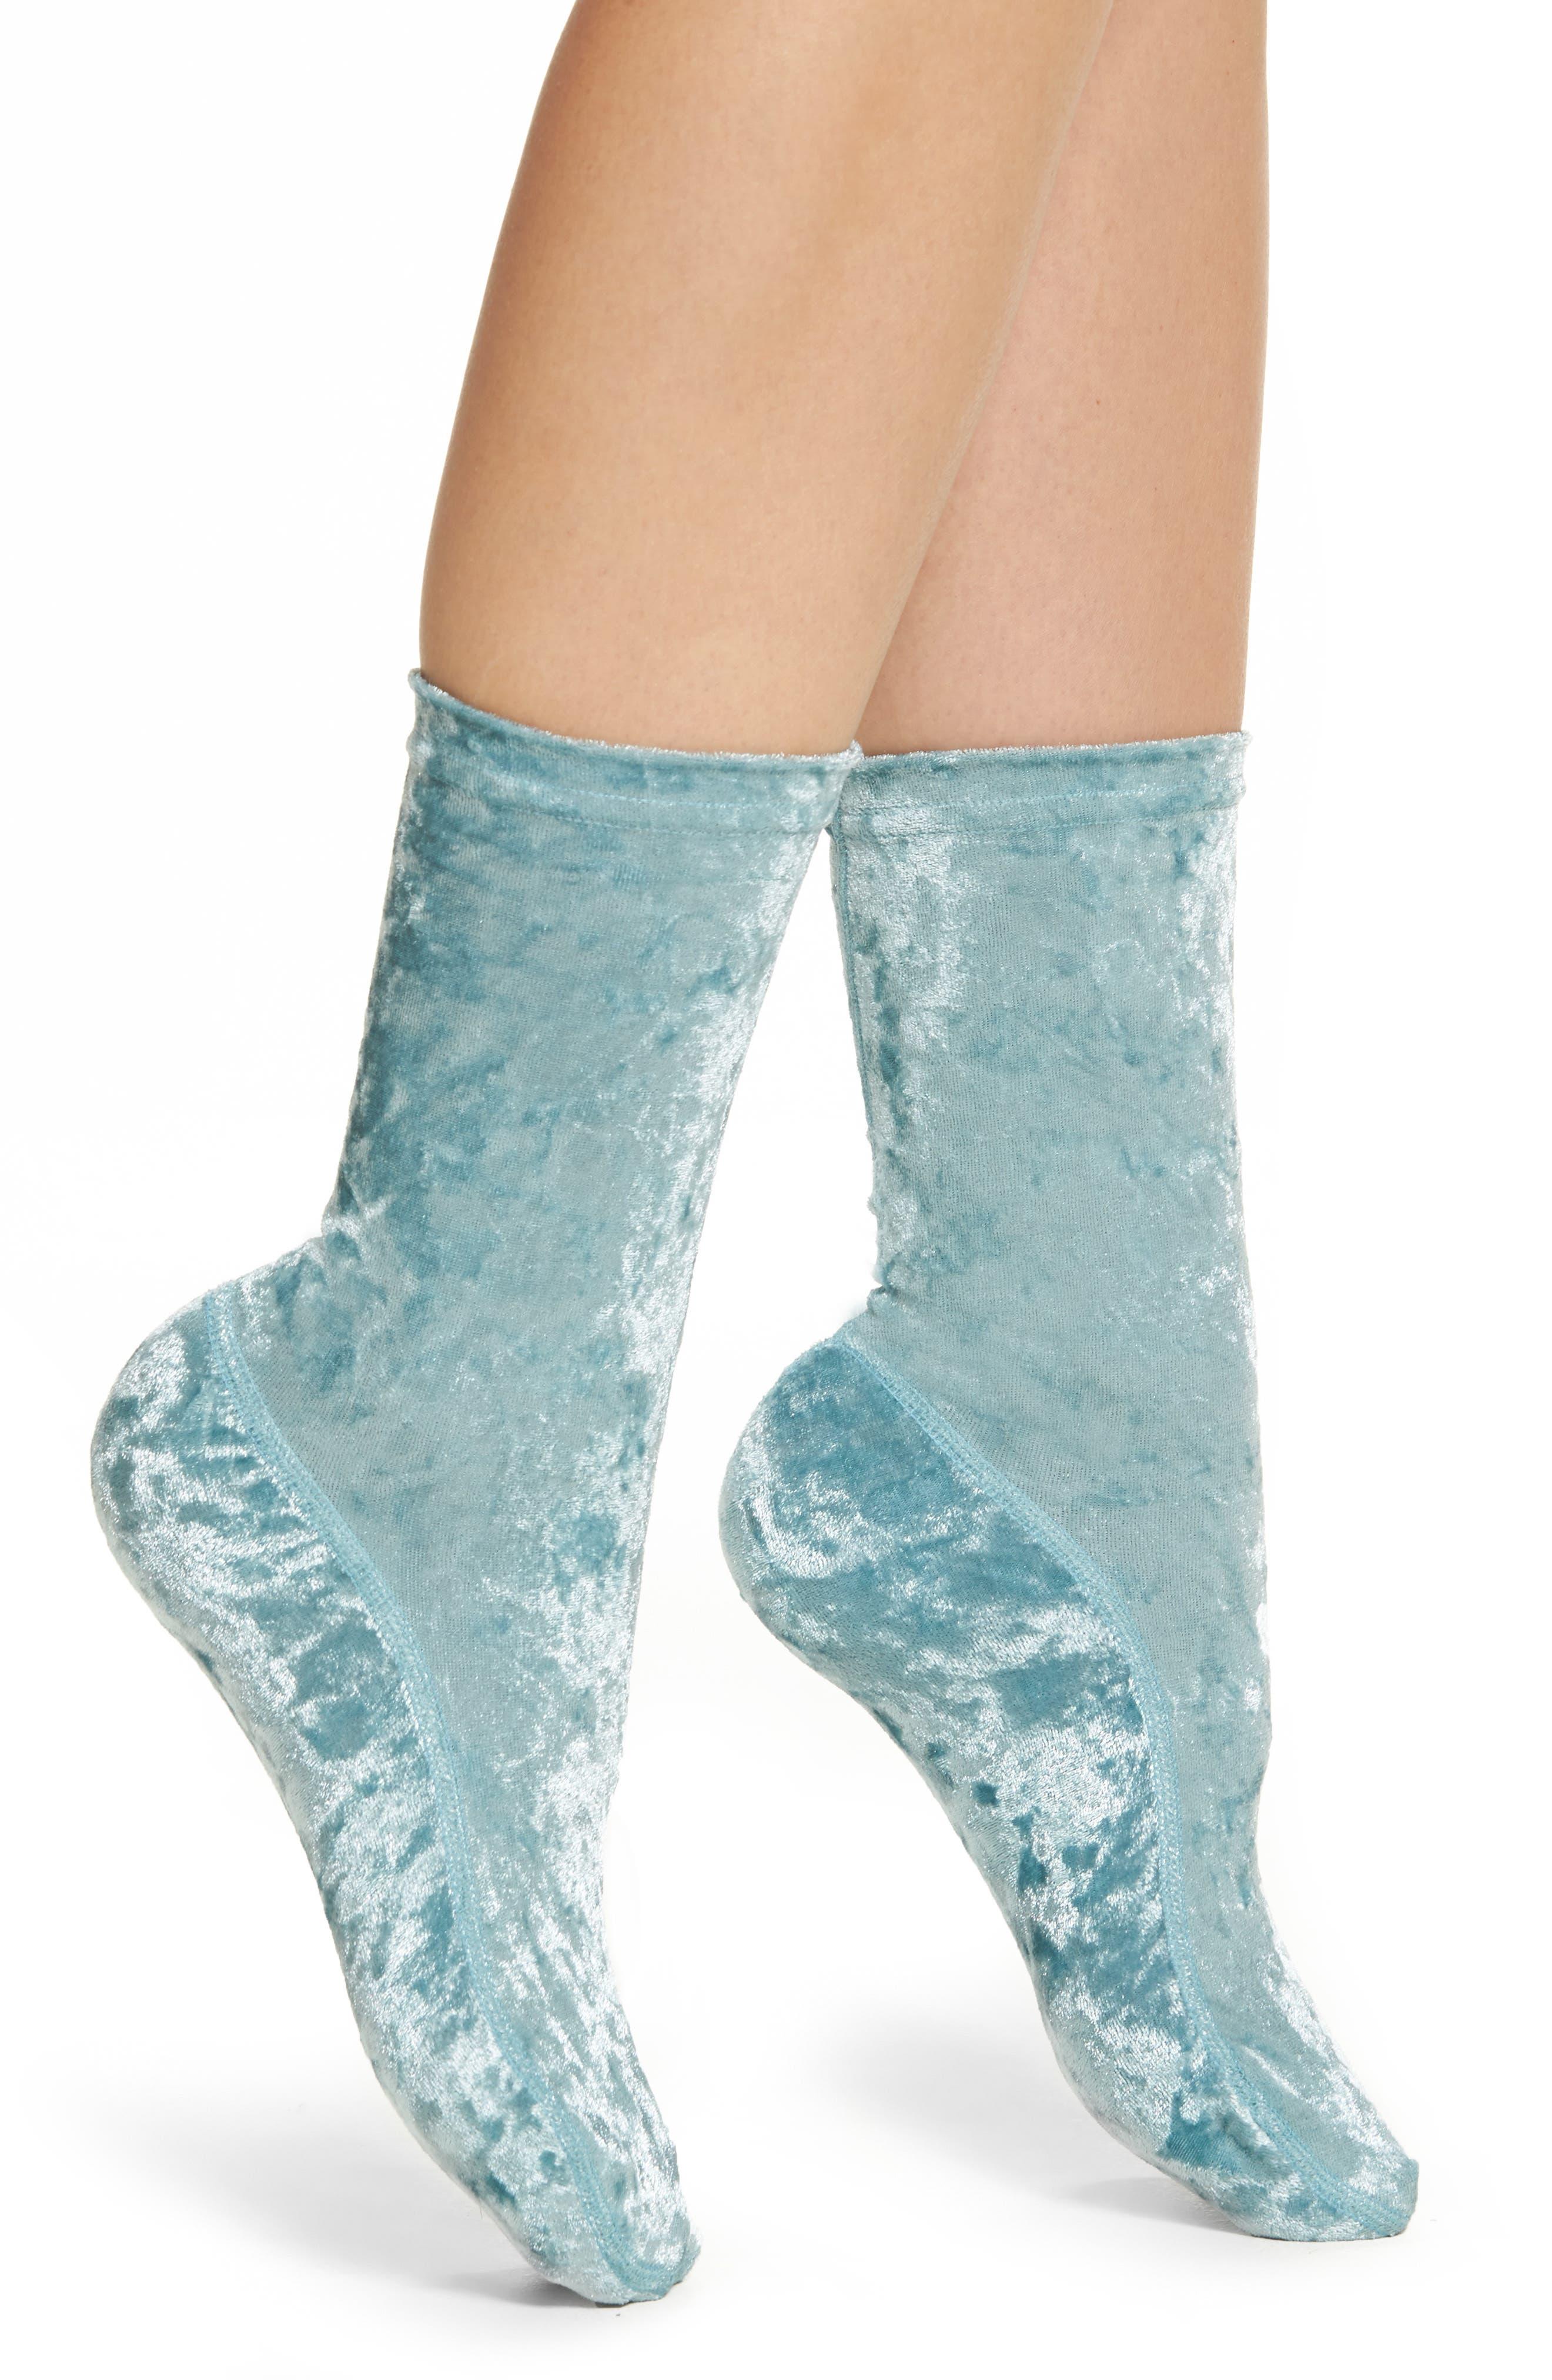 Alternate Image 1 Selected - Nordstrom Crushed Velvet Socks